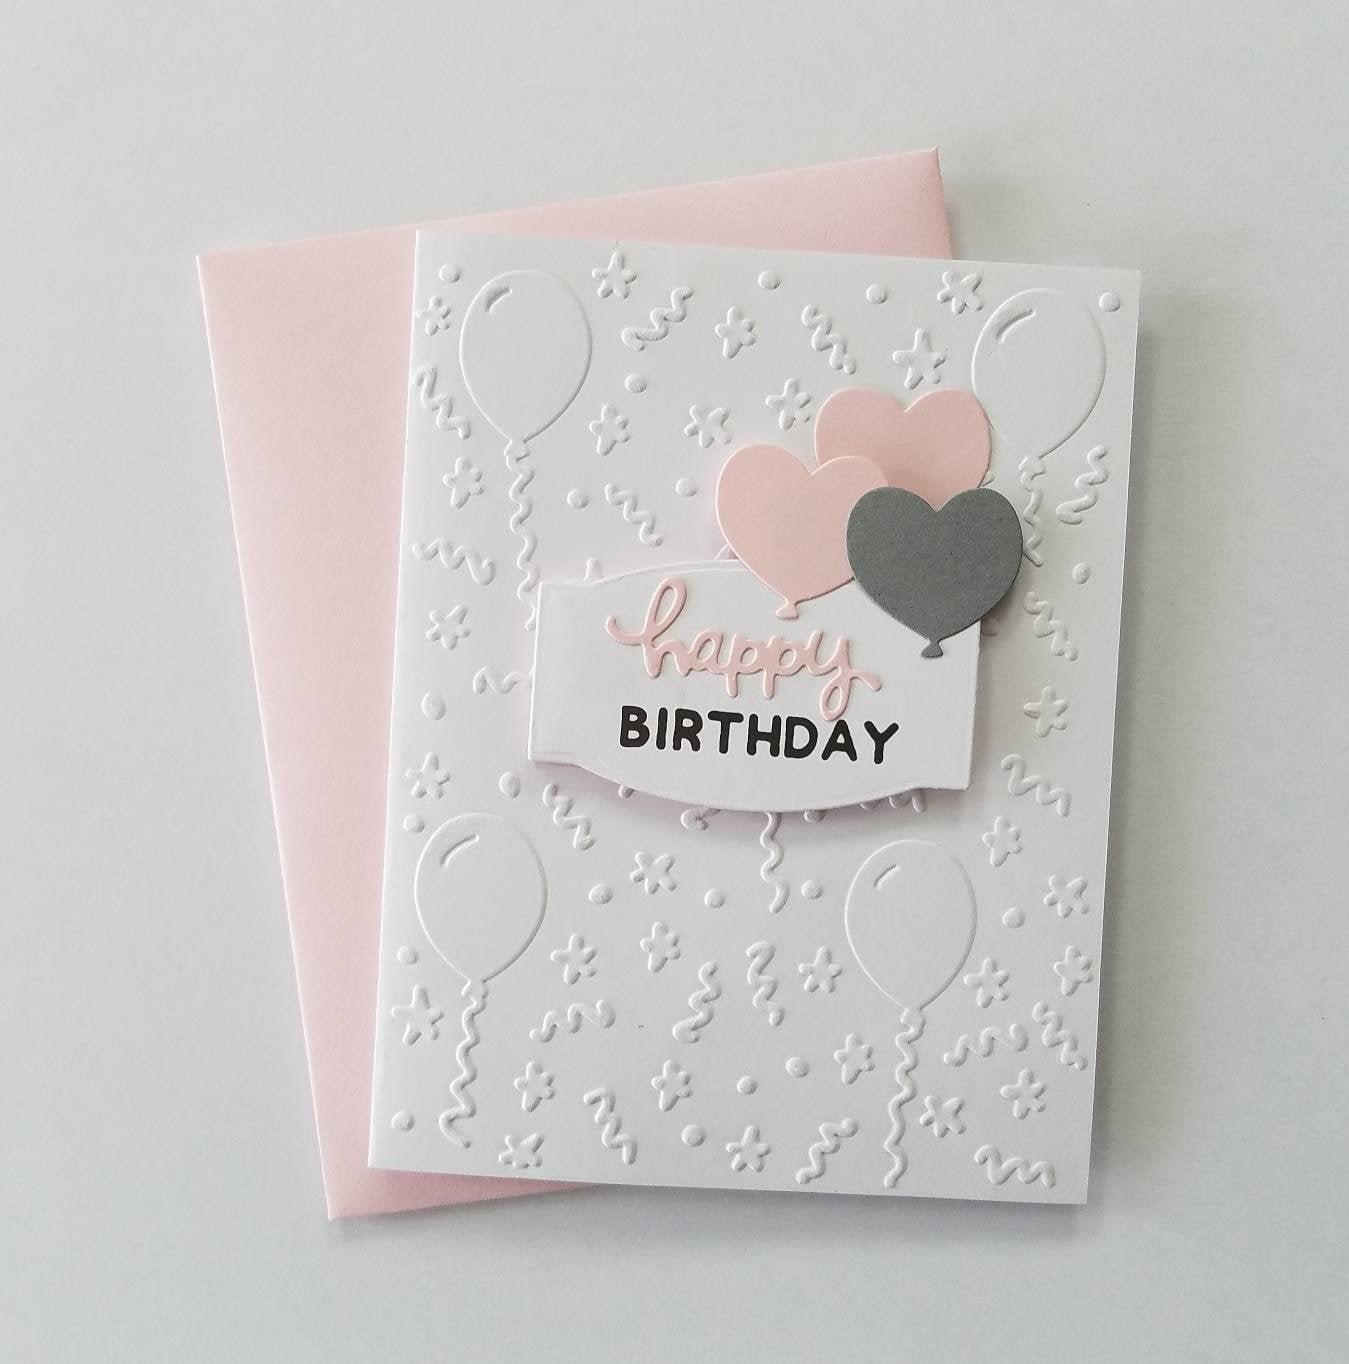 Handmade cards/ birthday cards/ blank cards/ greeting cards/ birthday/  handmade birthday/ unique cards/ handmade/ birthday greetings